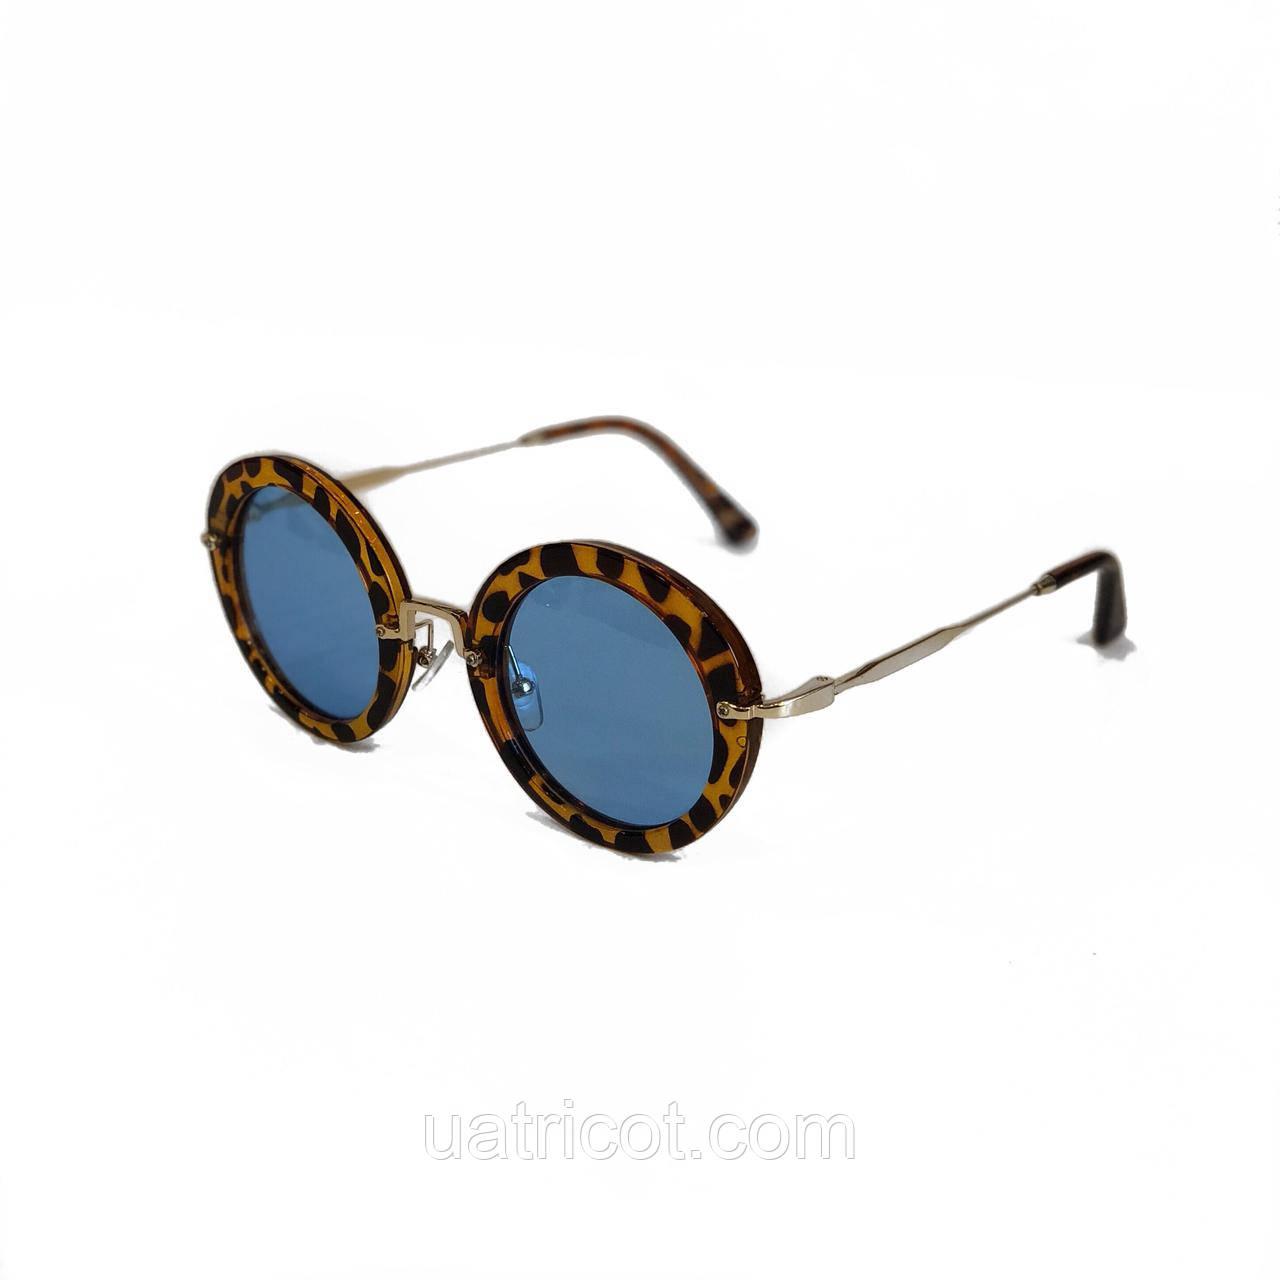 Женские солнцезащитные очки круглые с голубыми линзами